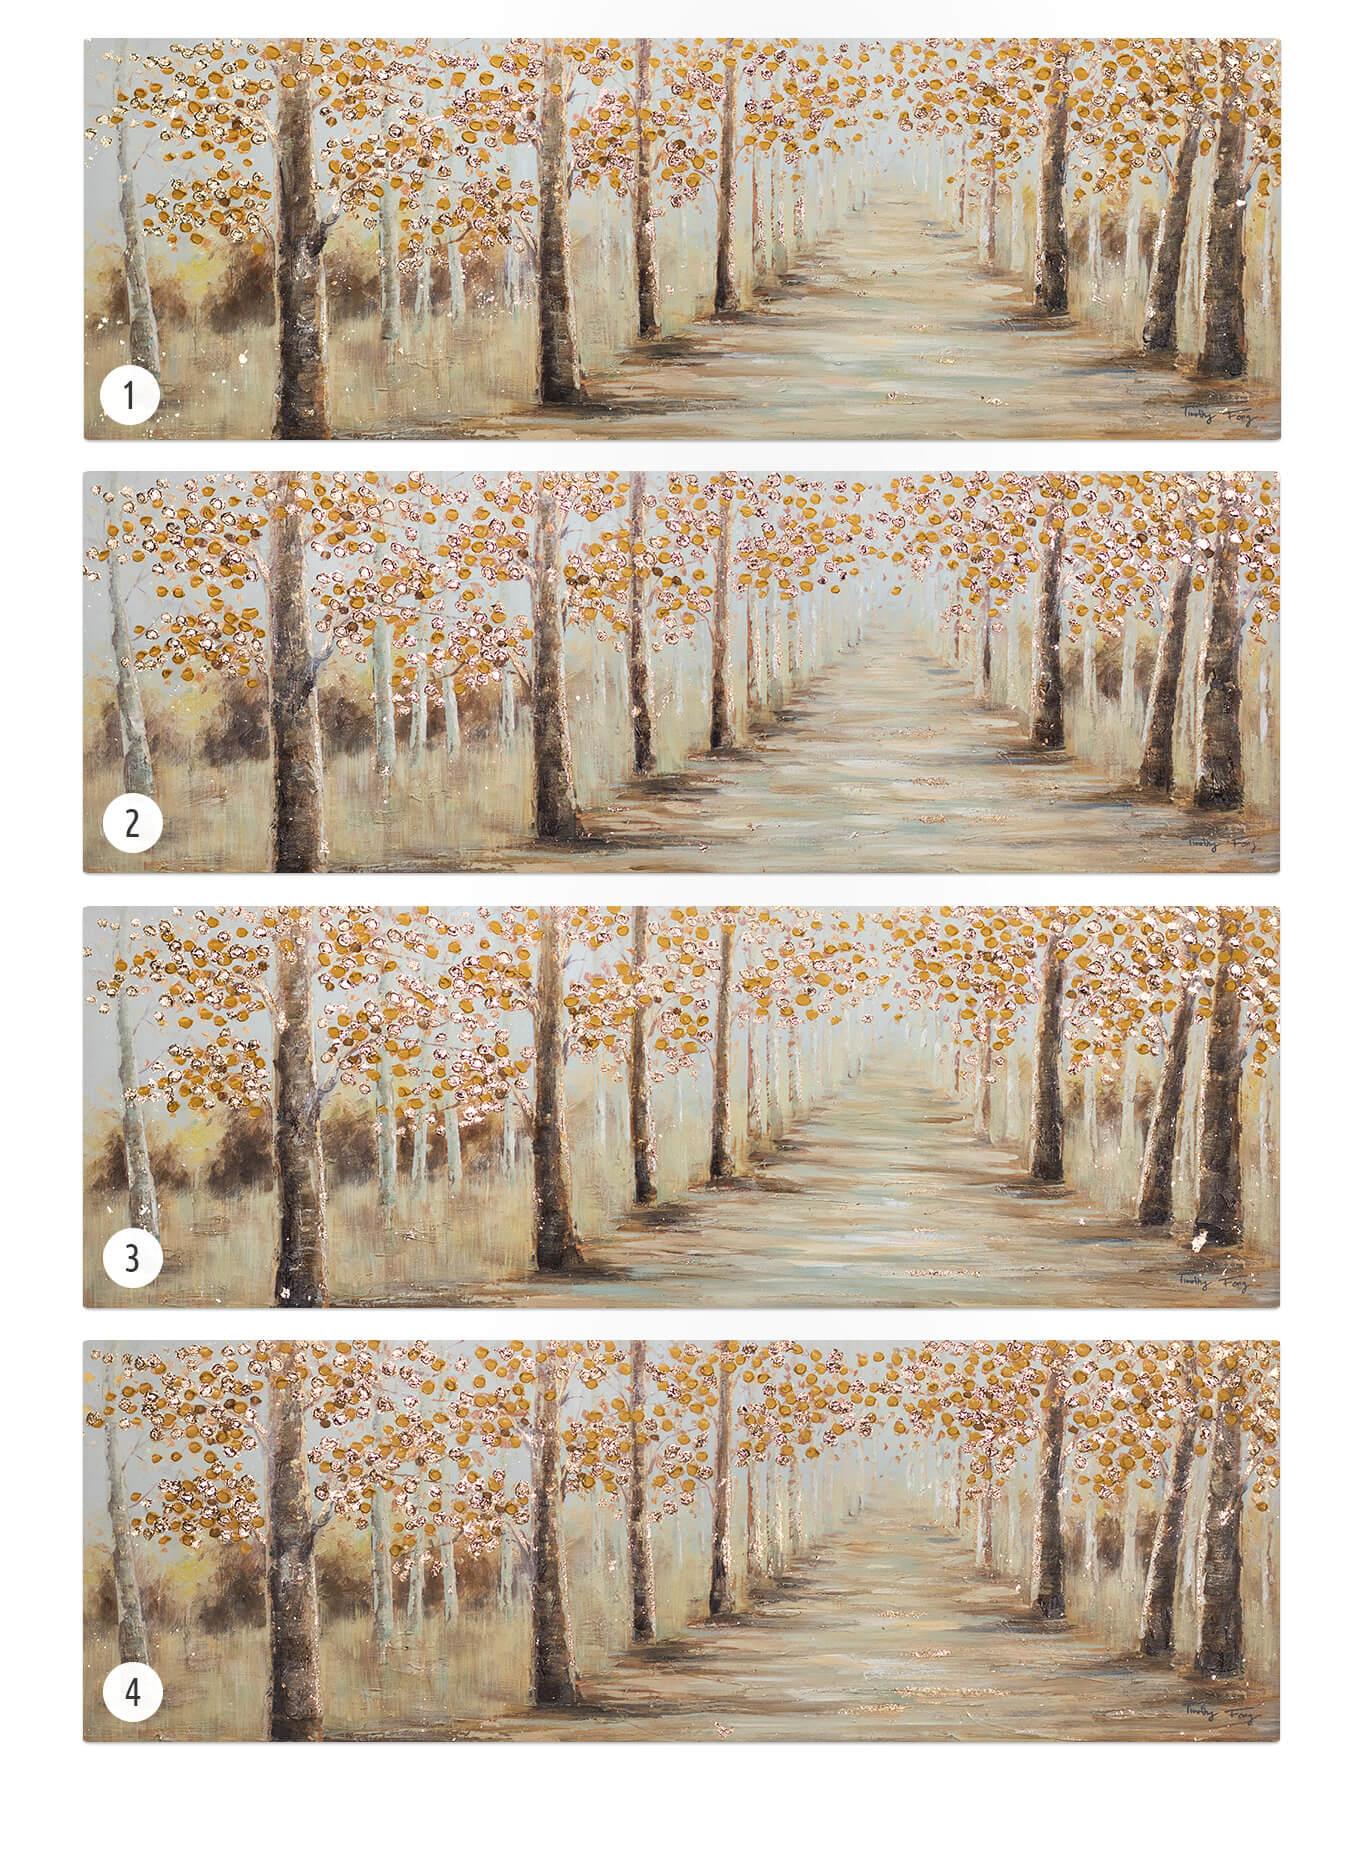 KL wald baeume braun orange acryl gemaelde acryl bilder leinwandbilder moderne kunst 08